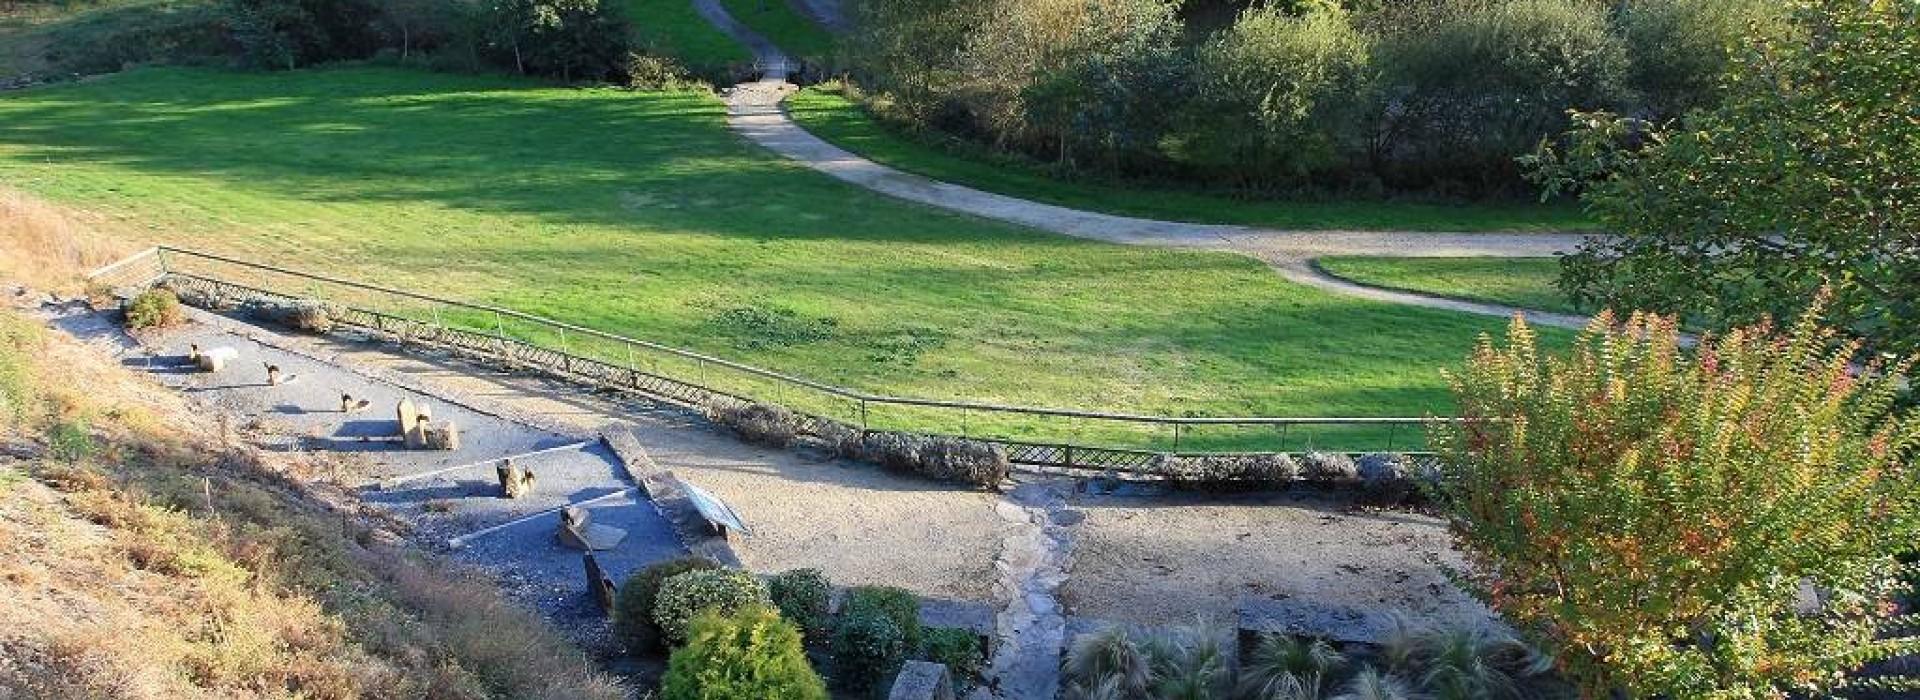 Aire de pique nique de la vallee de l 39 illette loisirs pour jeunes en pays de la loire - Lieux de pique nique en ile de france ...